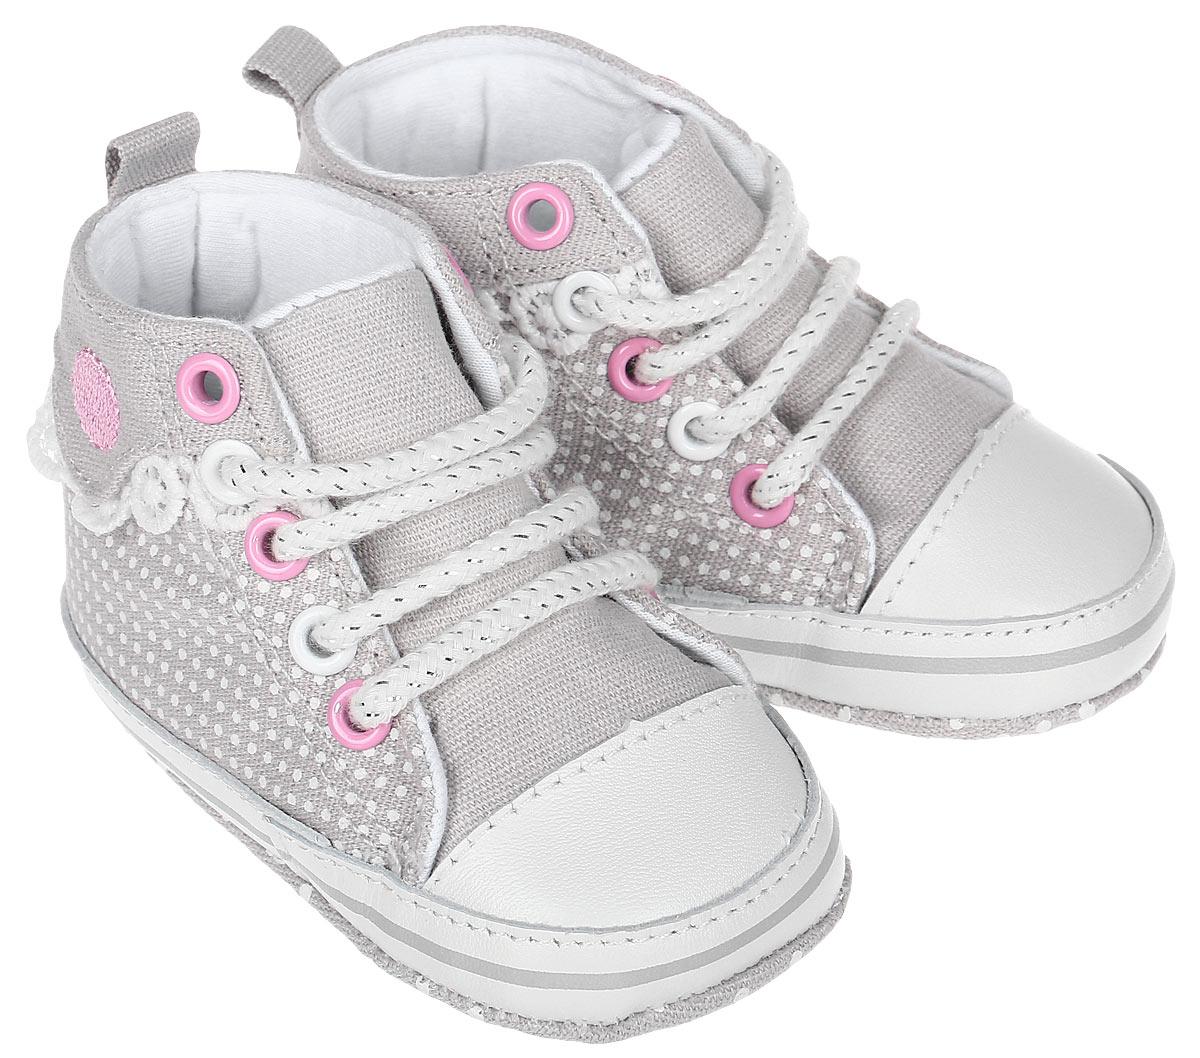 Пинетки для девочки Kapika, цвет: светло-серый, белый, розовый. 10120. Размер 18 пинетки детские капика цвет серый 10126 размер 18